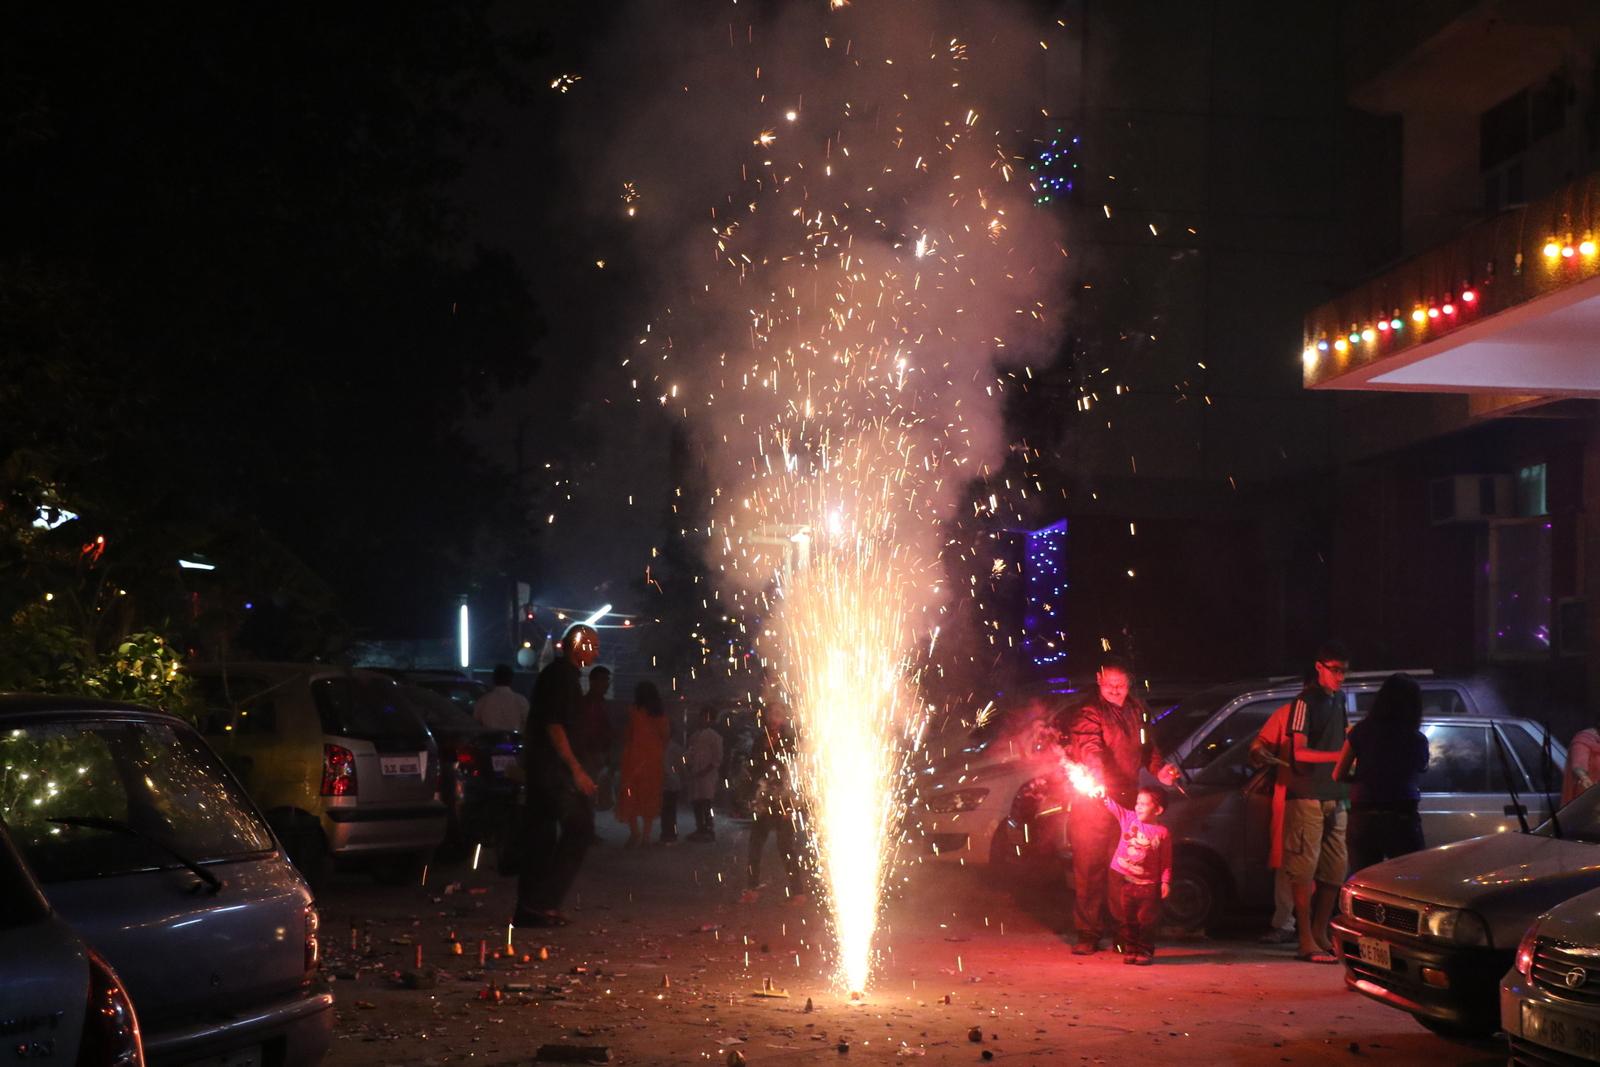 Diwali. Diwaliin liittyvät myös äänekkäät ilotulitukset.